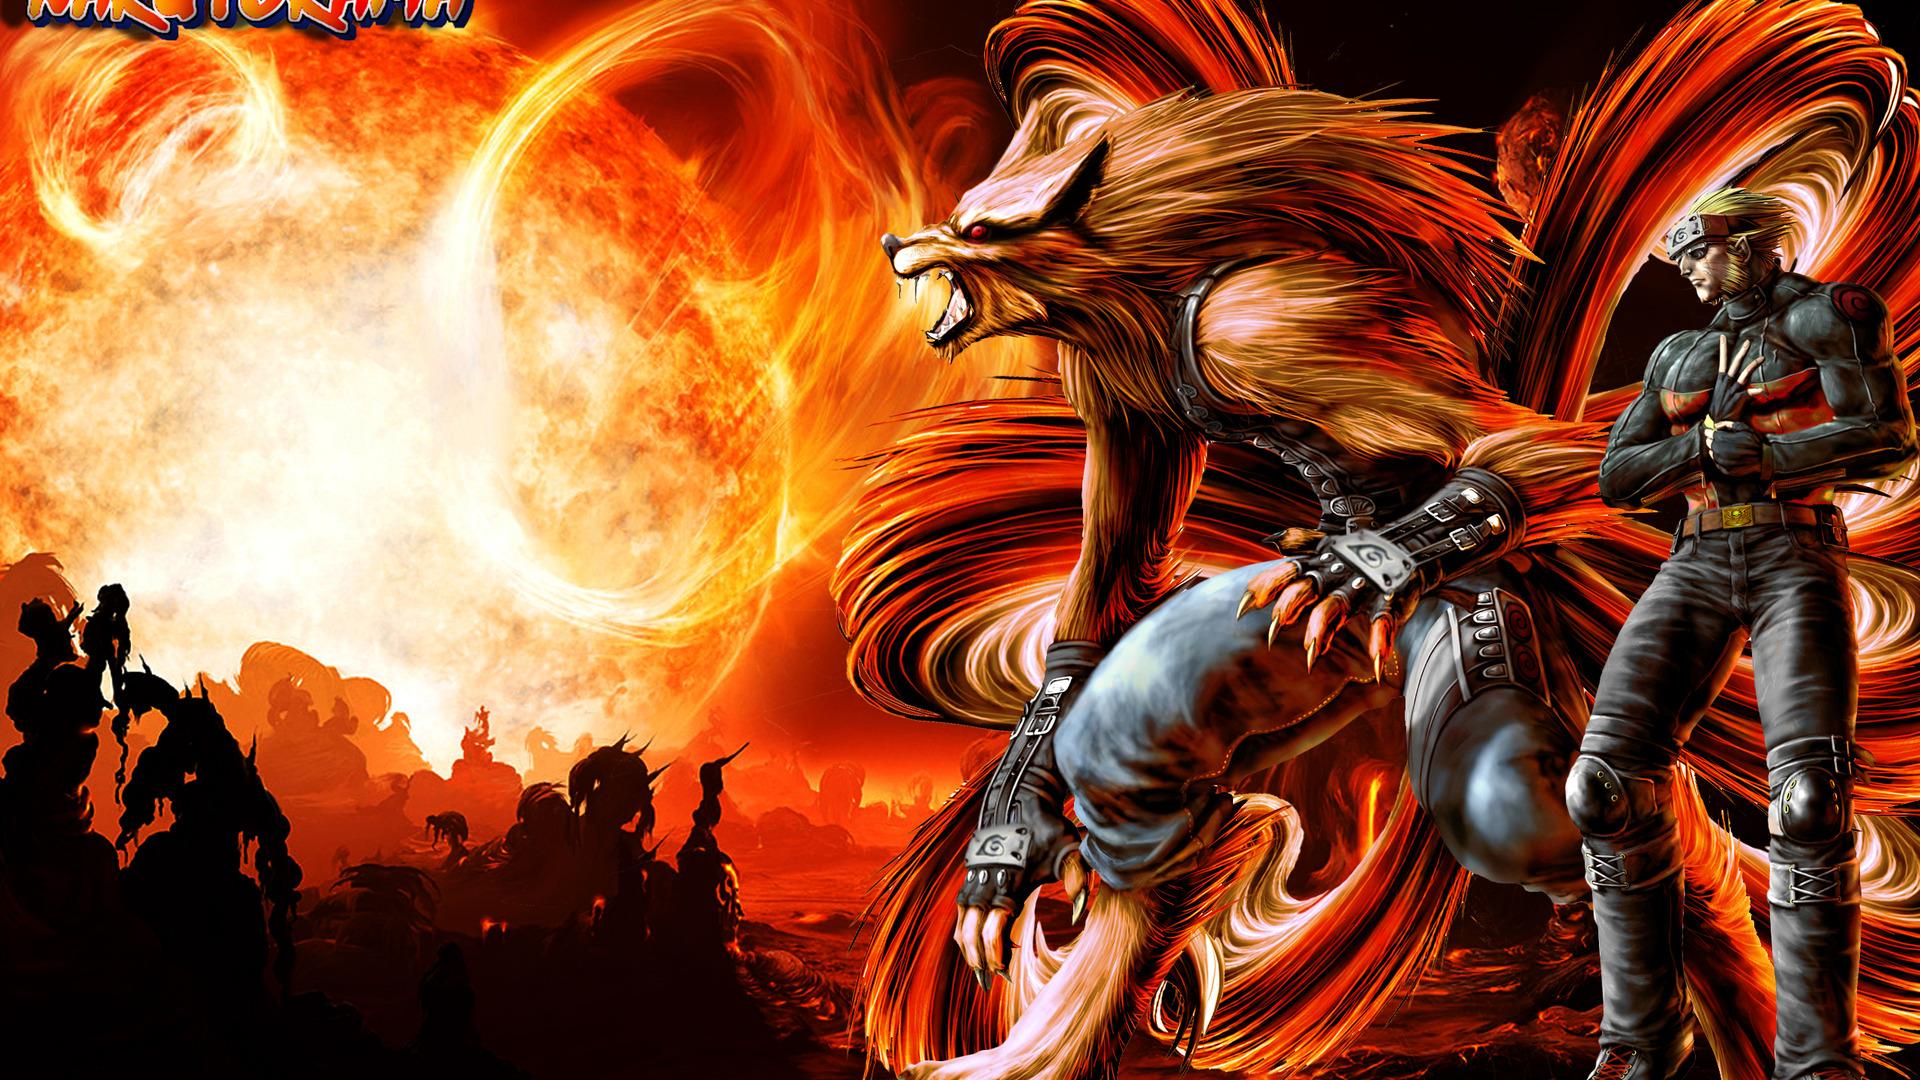 Wallpaper Android Naruto 3d